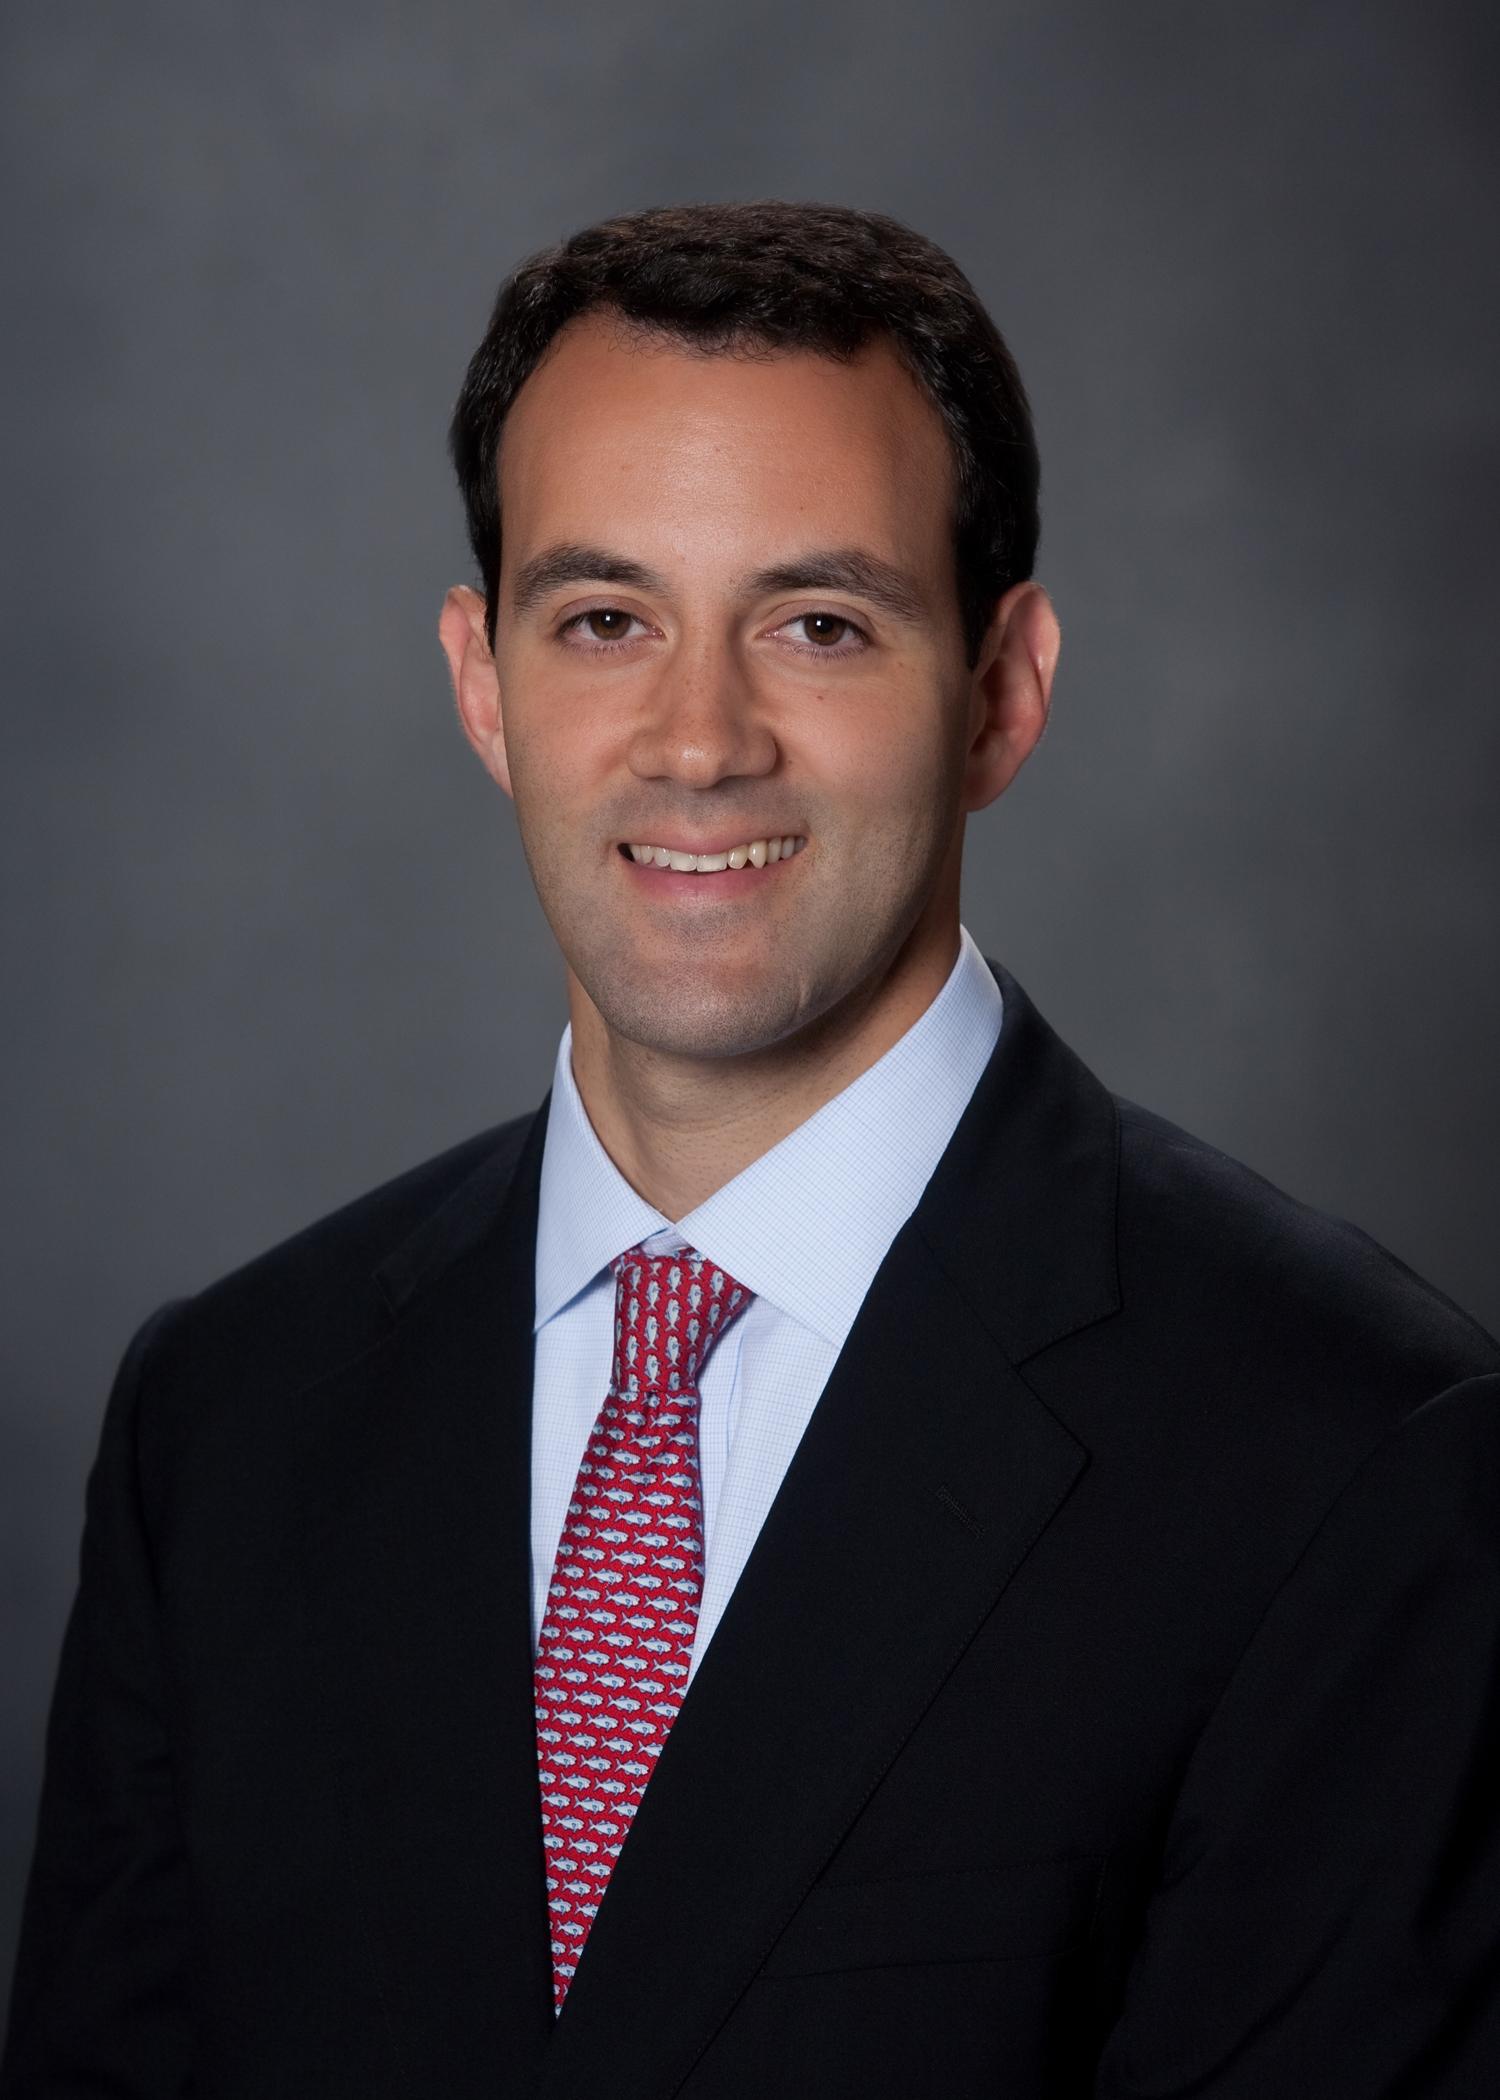 Bradley C. Carofino, MD